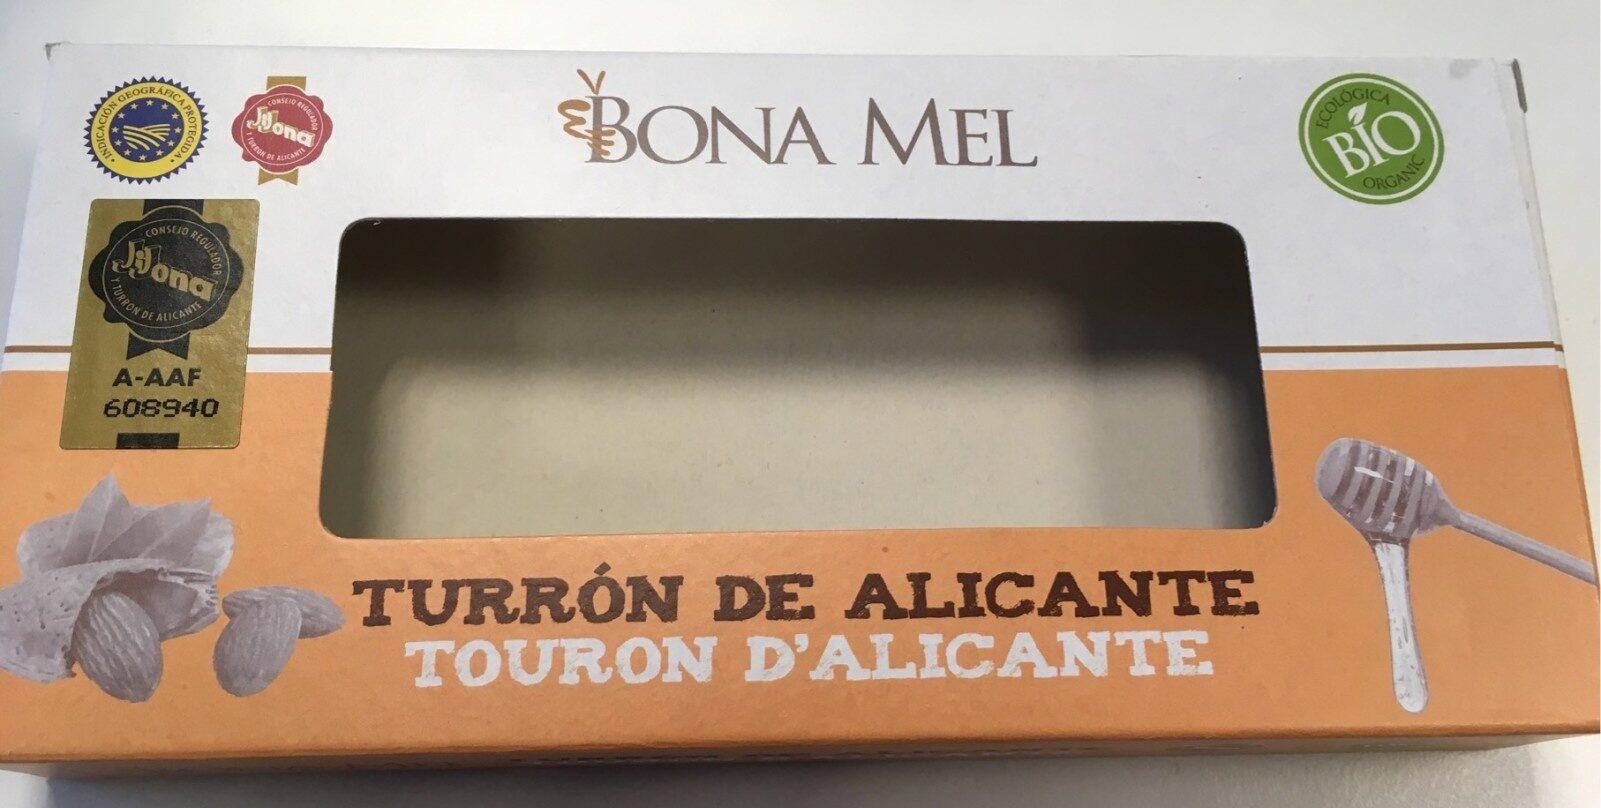 Turrón de Alicante ecologico - Produit - es